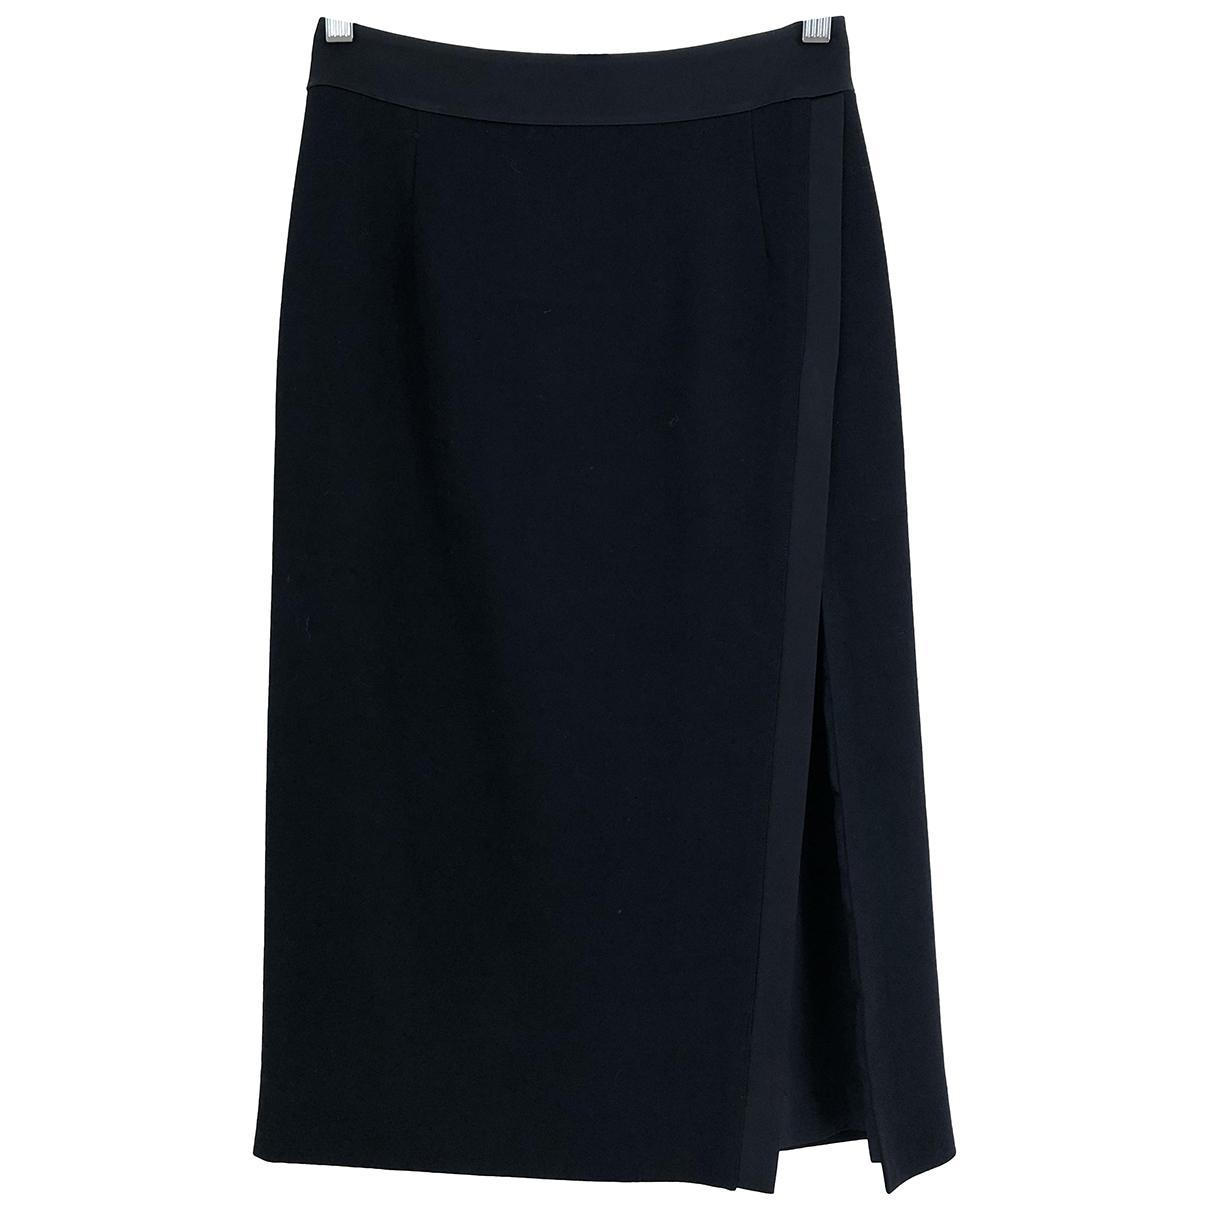 Pallas \N Black Wool skirt for Women 36 FR